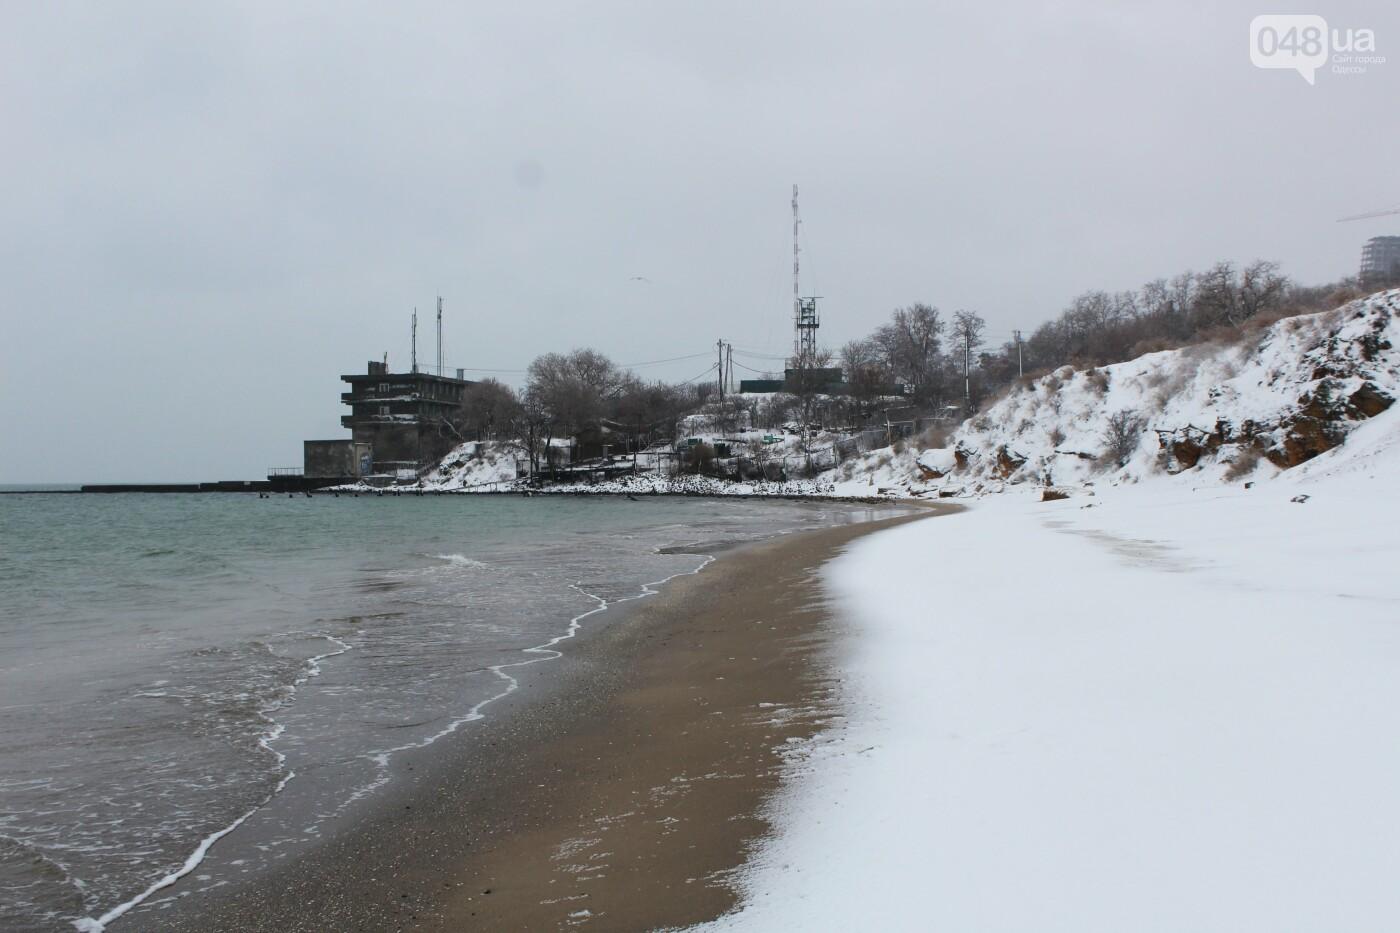 В Одессе побережье засыпало снегом: утки, котики и море, - ФОТОРЕПОРТАЖ, фото-3